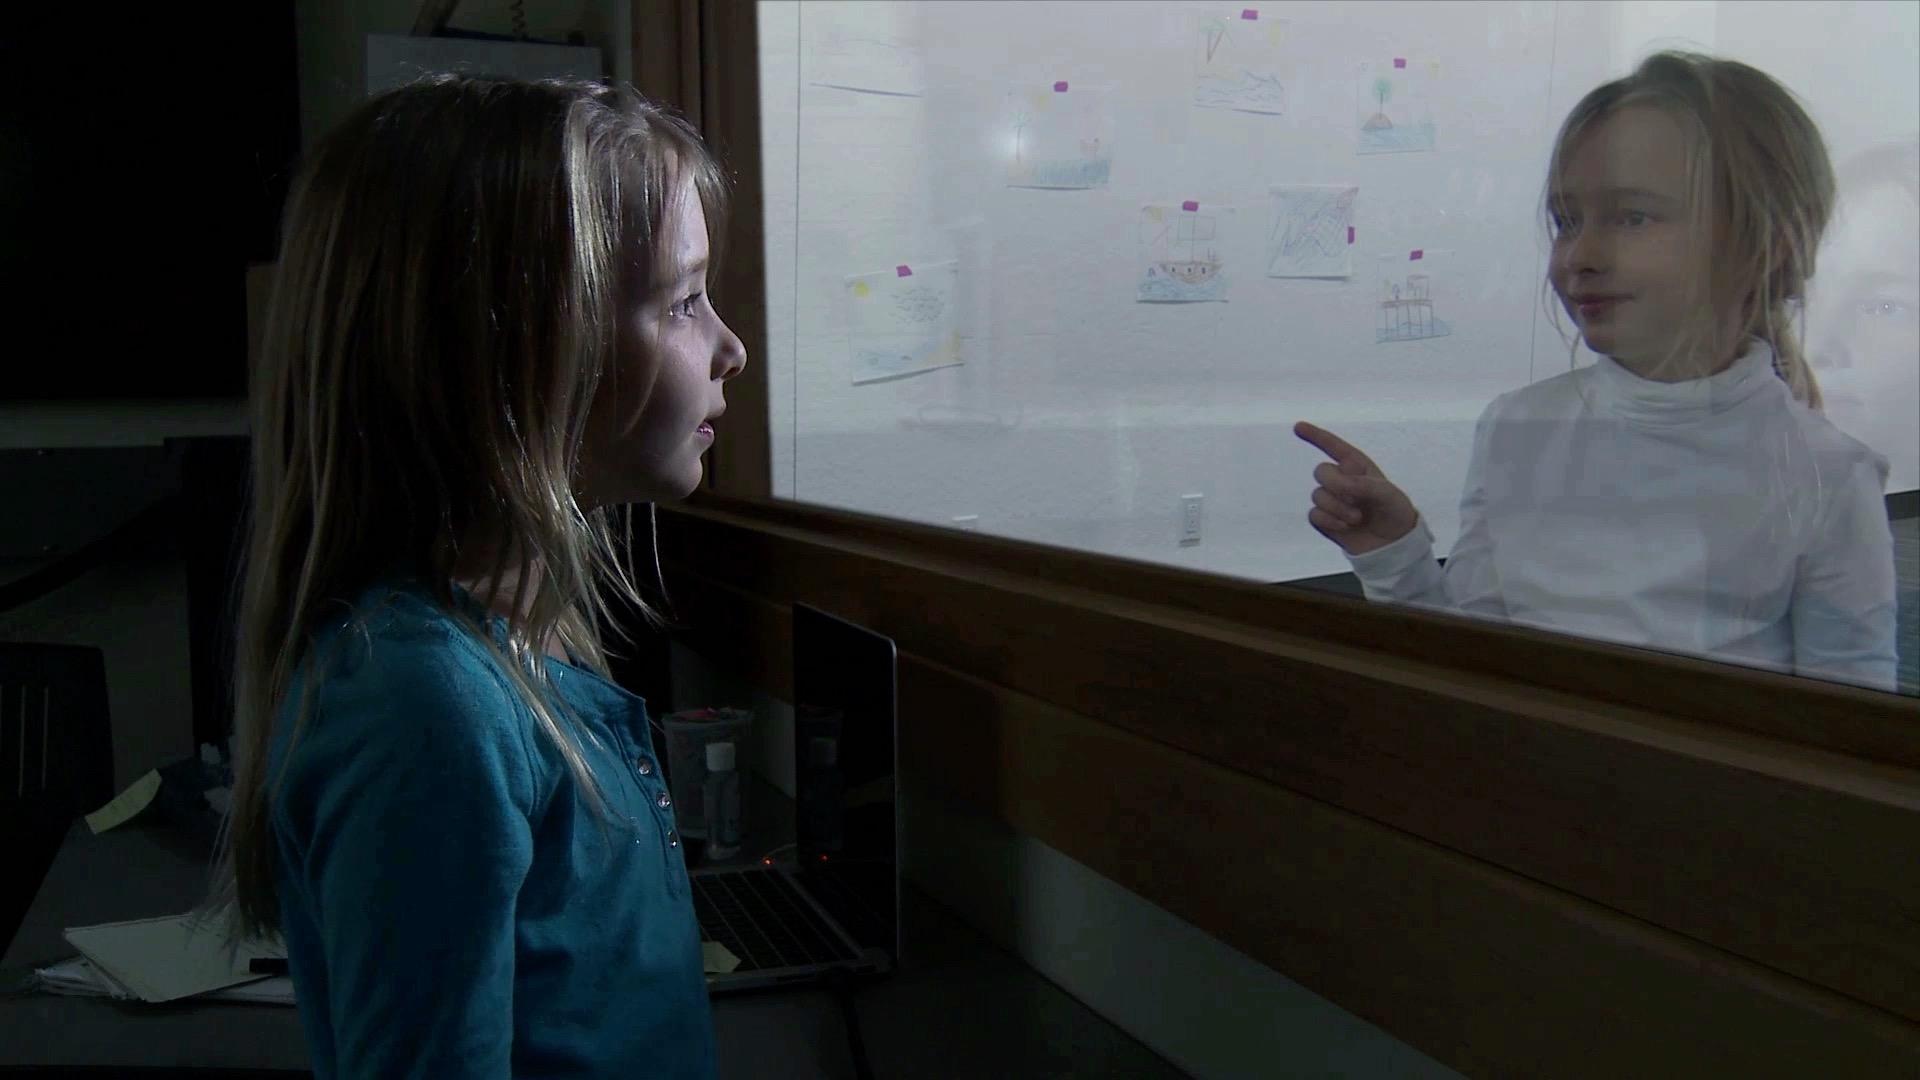 Juliette Bailey as Chloe in Semblance